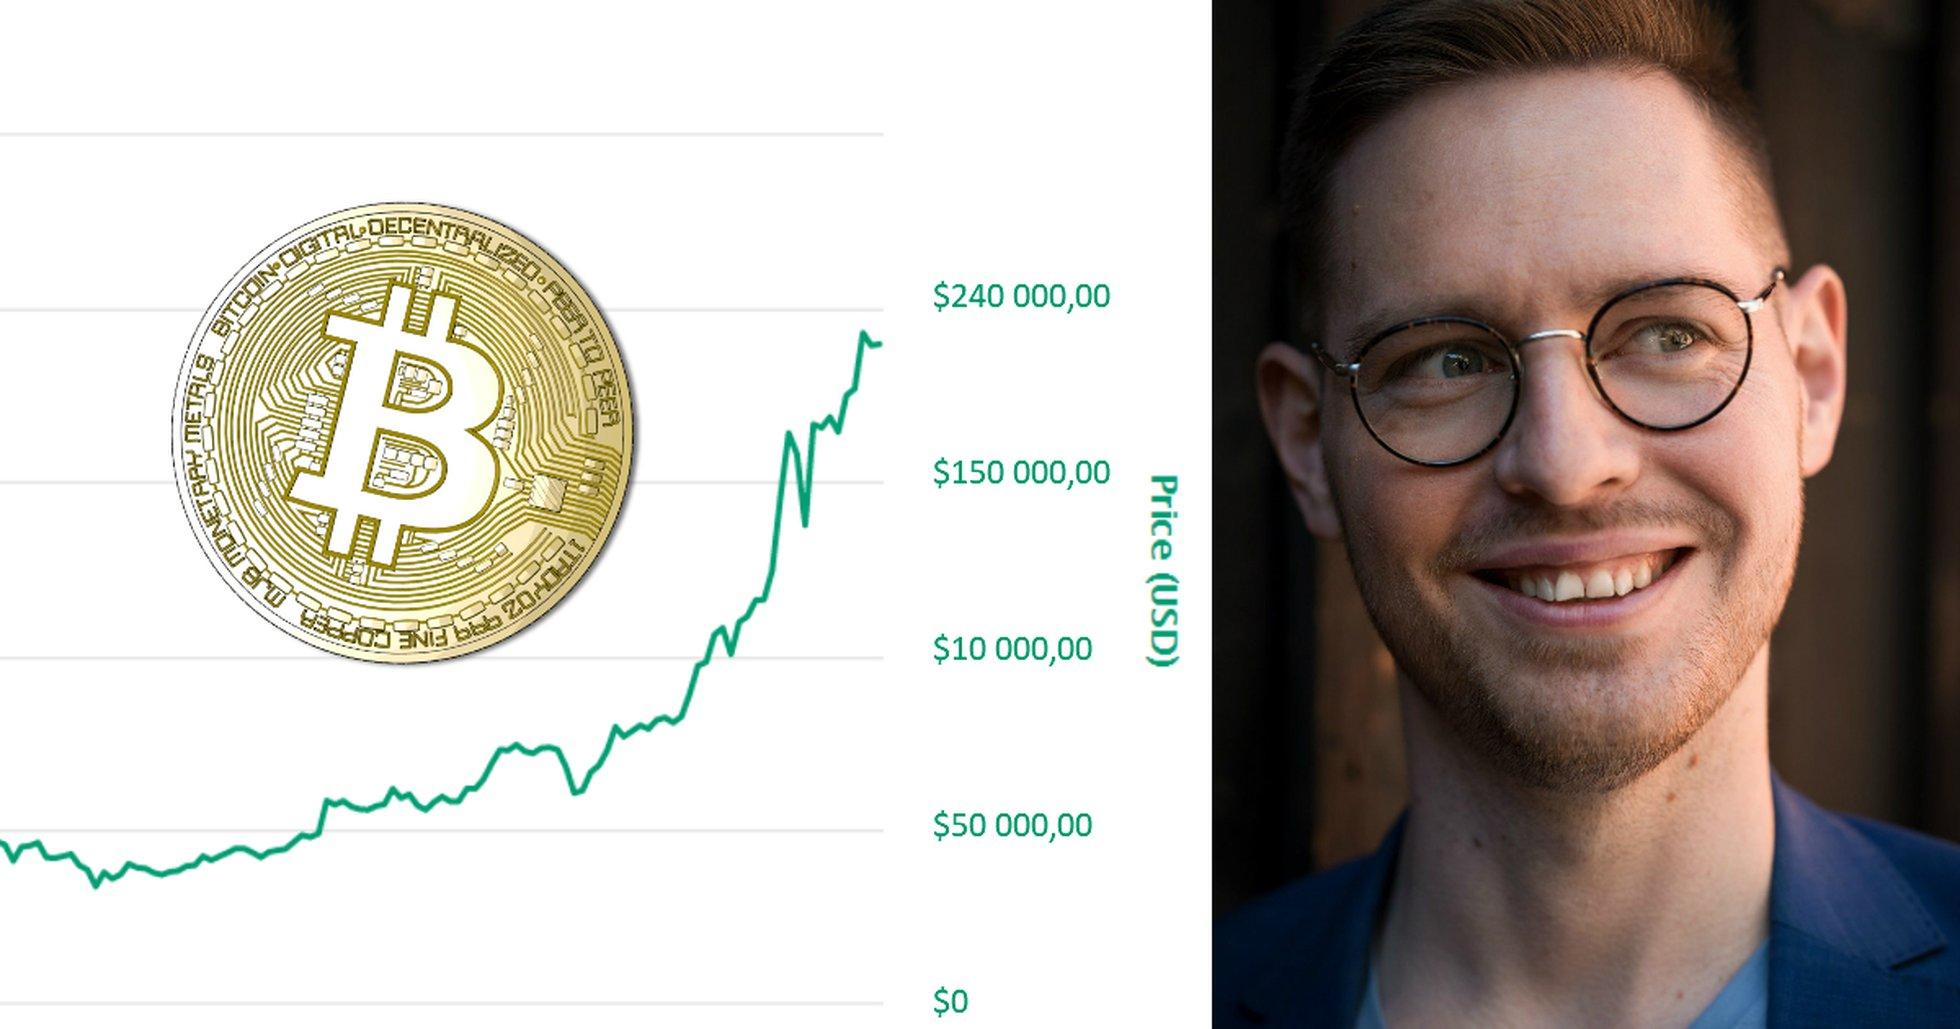 Just nu kan vara ett bra tillfälle att investera i bitcoin, skriver Totte Löfström, expert på kryptovalutor och vd för Trijo och Trijo News.Just nu kan vara ett bra tillfälle att investera i bitcoin